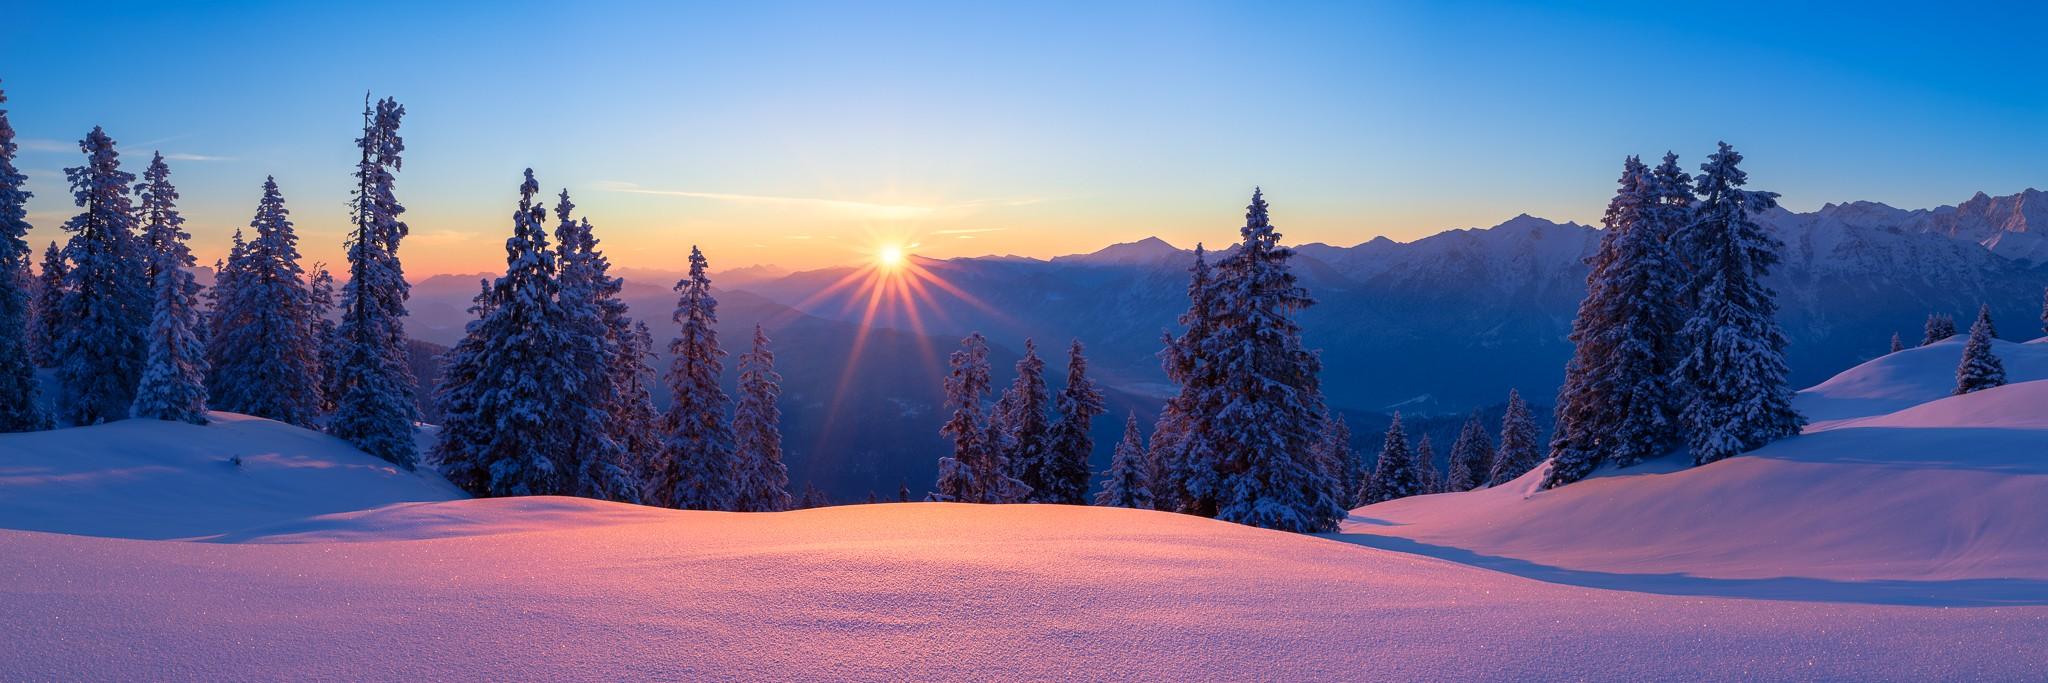 Der Pulverschnee funkelt mit der aufgehenden Sonne - Schnee auf den Bäumen und im Tal - was kann man sich Schöneres vorstellen.